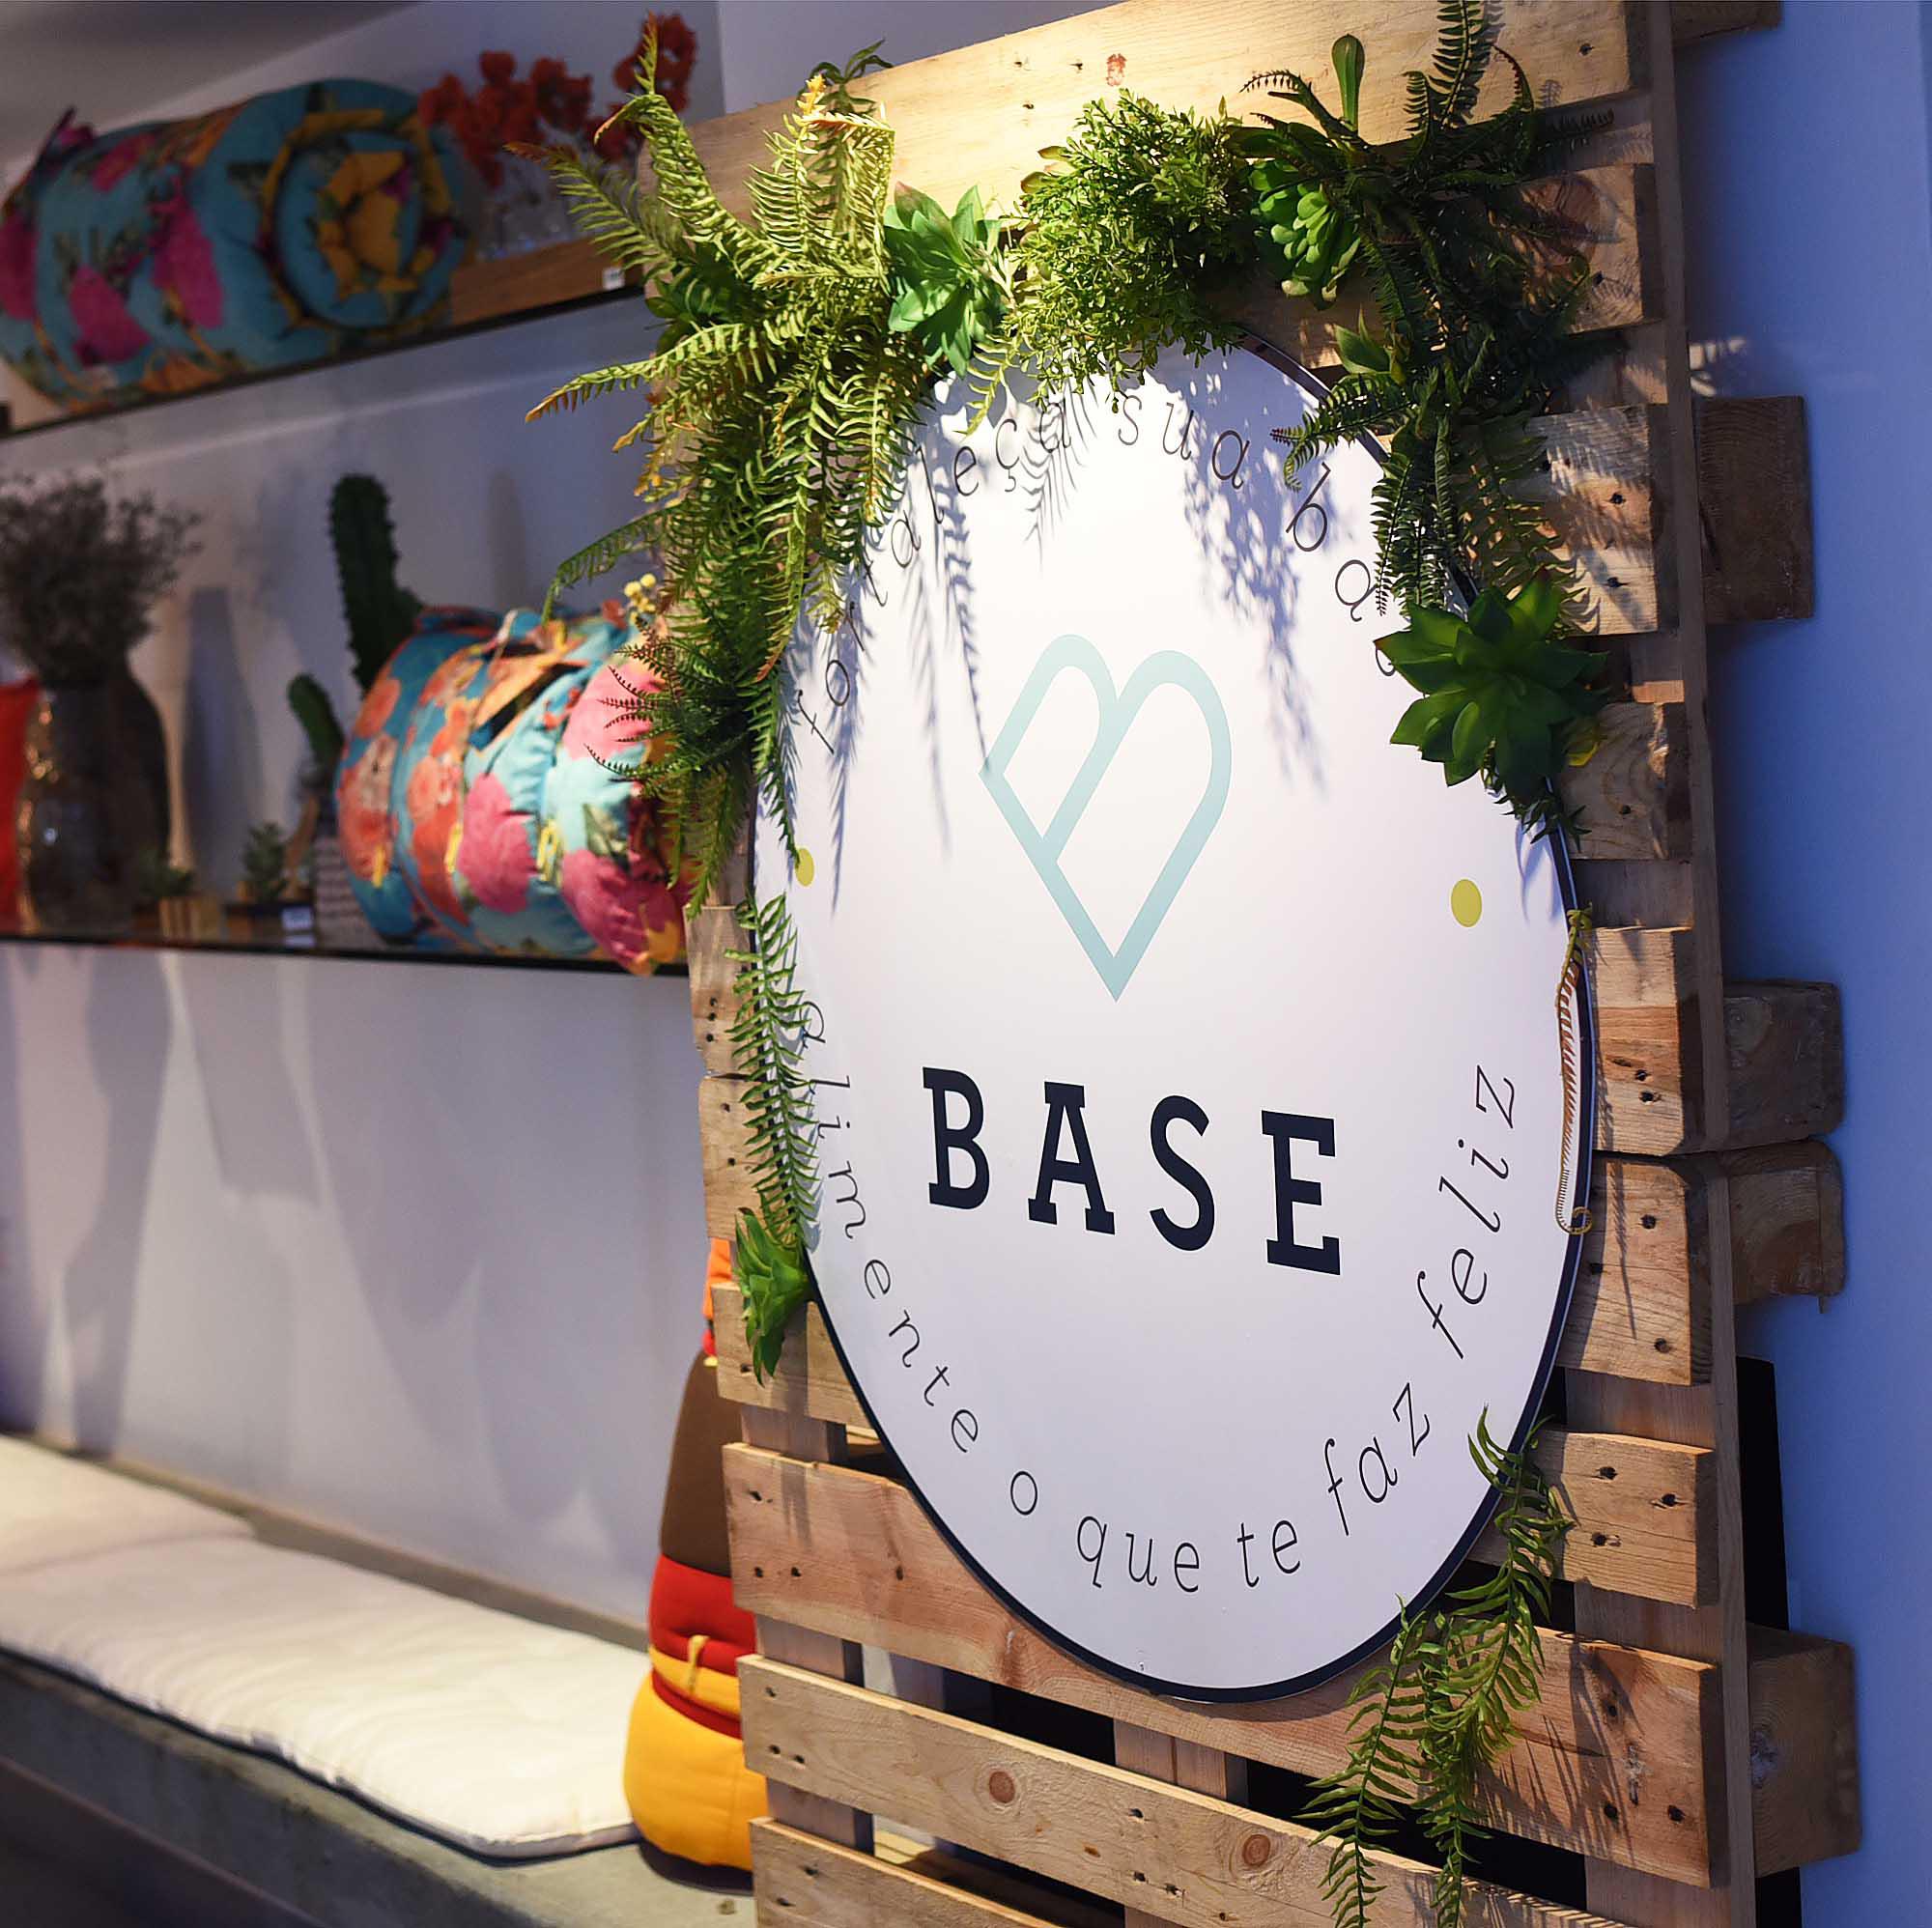 BASE apresenta Super Aulão de Fim de Ano